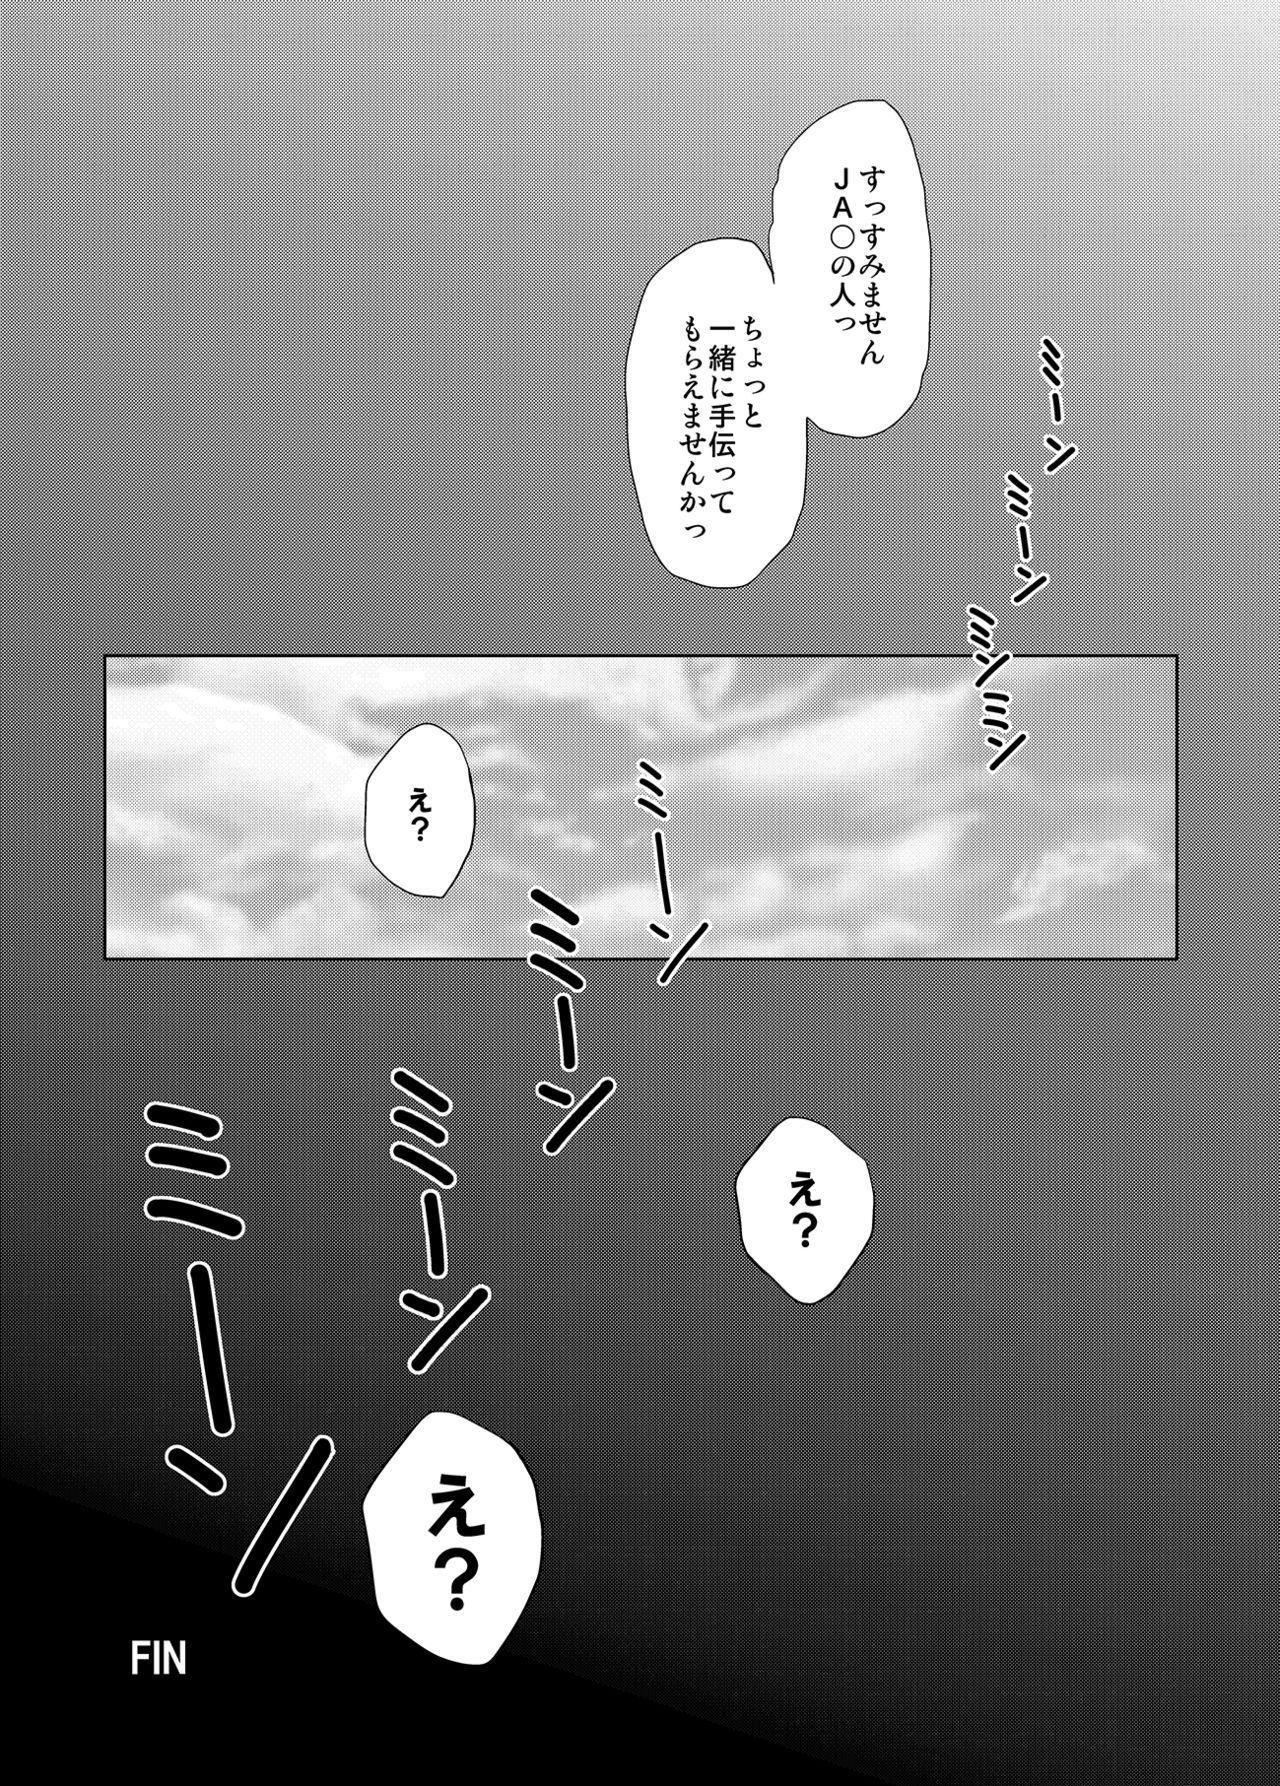 Mukashi kara Baka ni Shiteita Itoko no Kanninbukuro no O ga Kireta Kekka, Futarikiri no Semai Shanai de Karada o Moteasobareta Natsu no Hi no Koto. 62